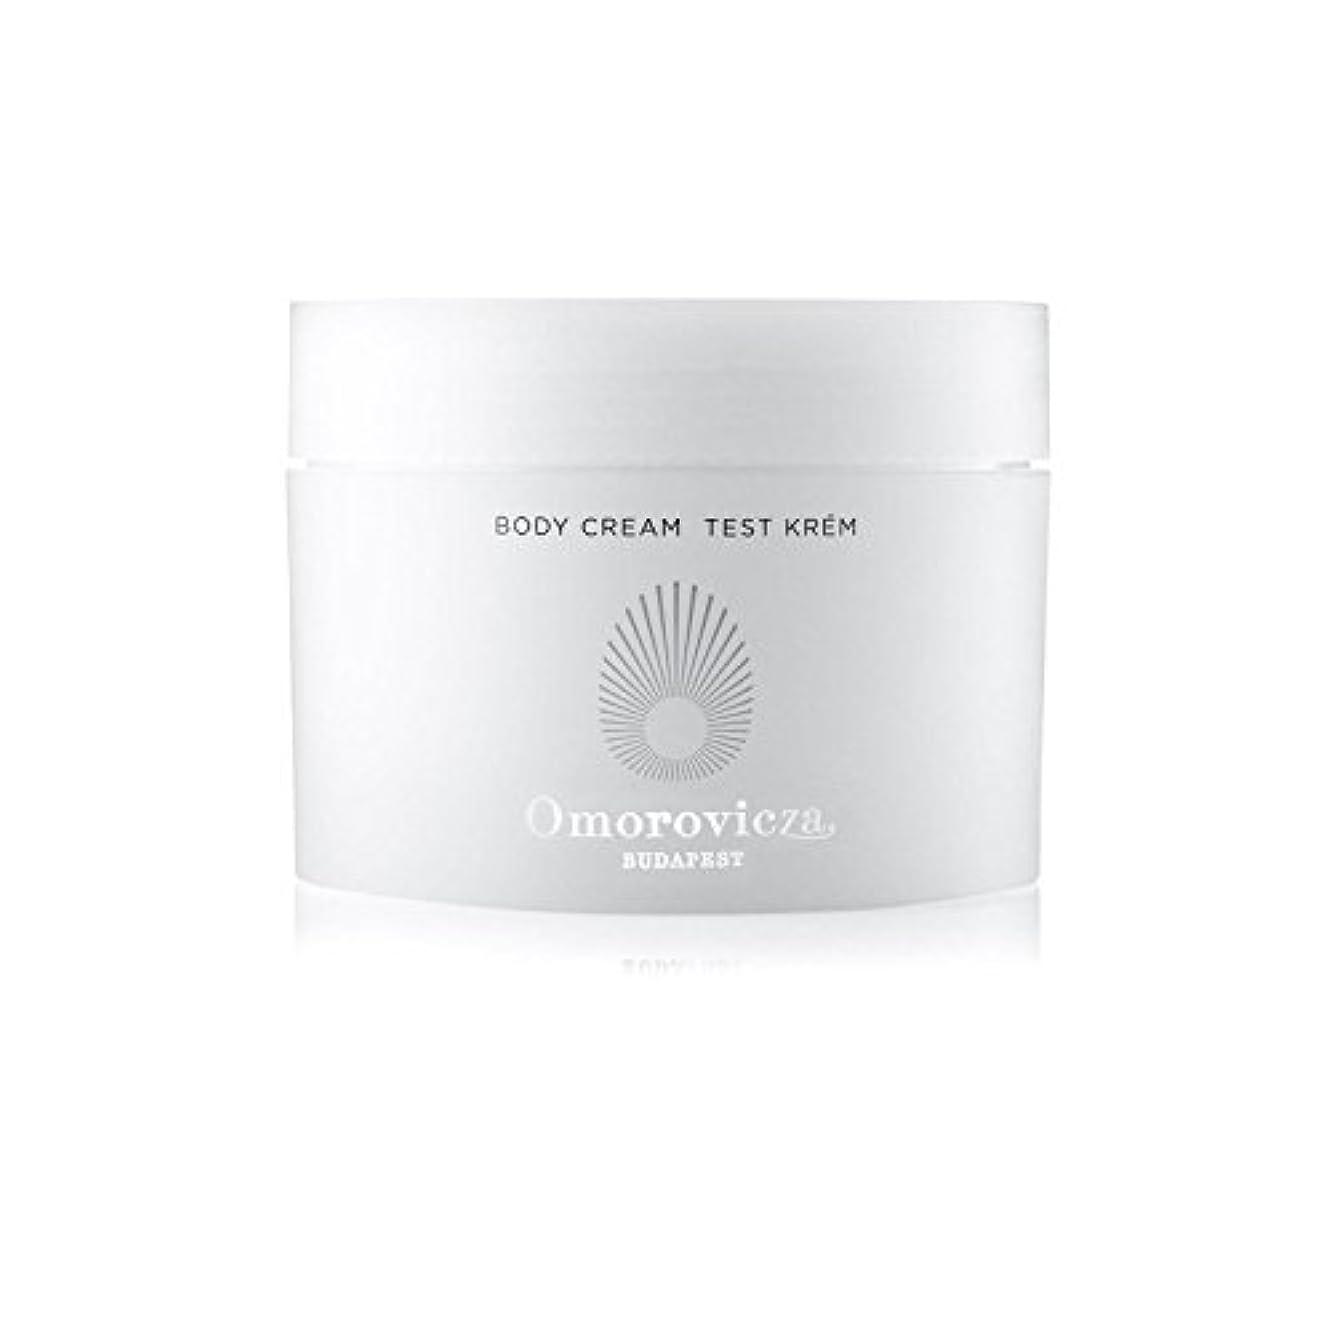 統計的太平洋諸島グラフボディクリーム(200ミリリットル) x4 - Omorovicza Body Cream (200ml) (Pack of 4) [並行輸入品]